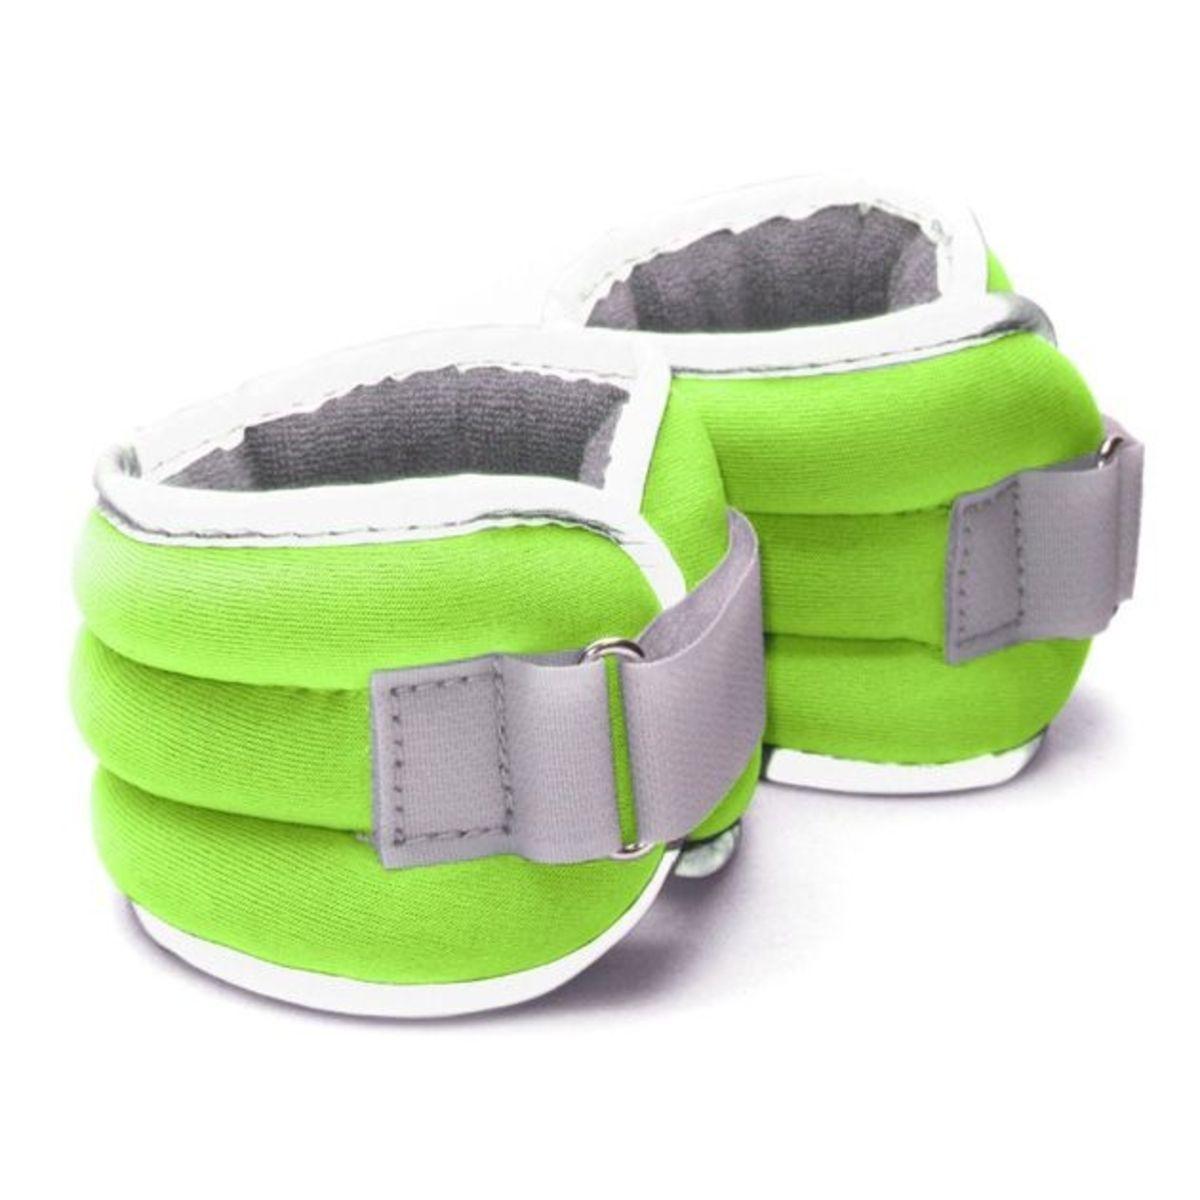 Závaží na zápěstí nebo závaží na kotníky Váha: 1 kg